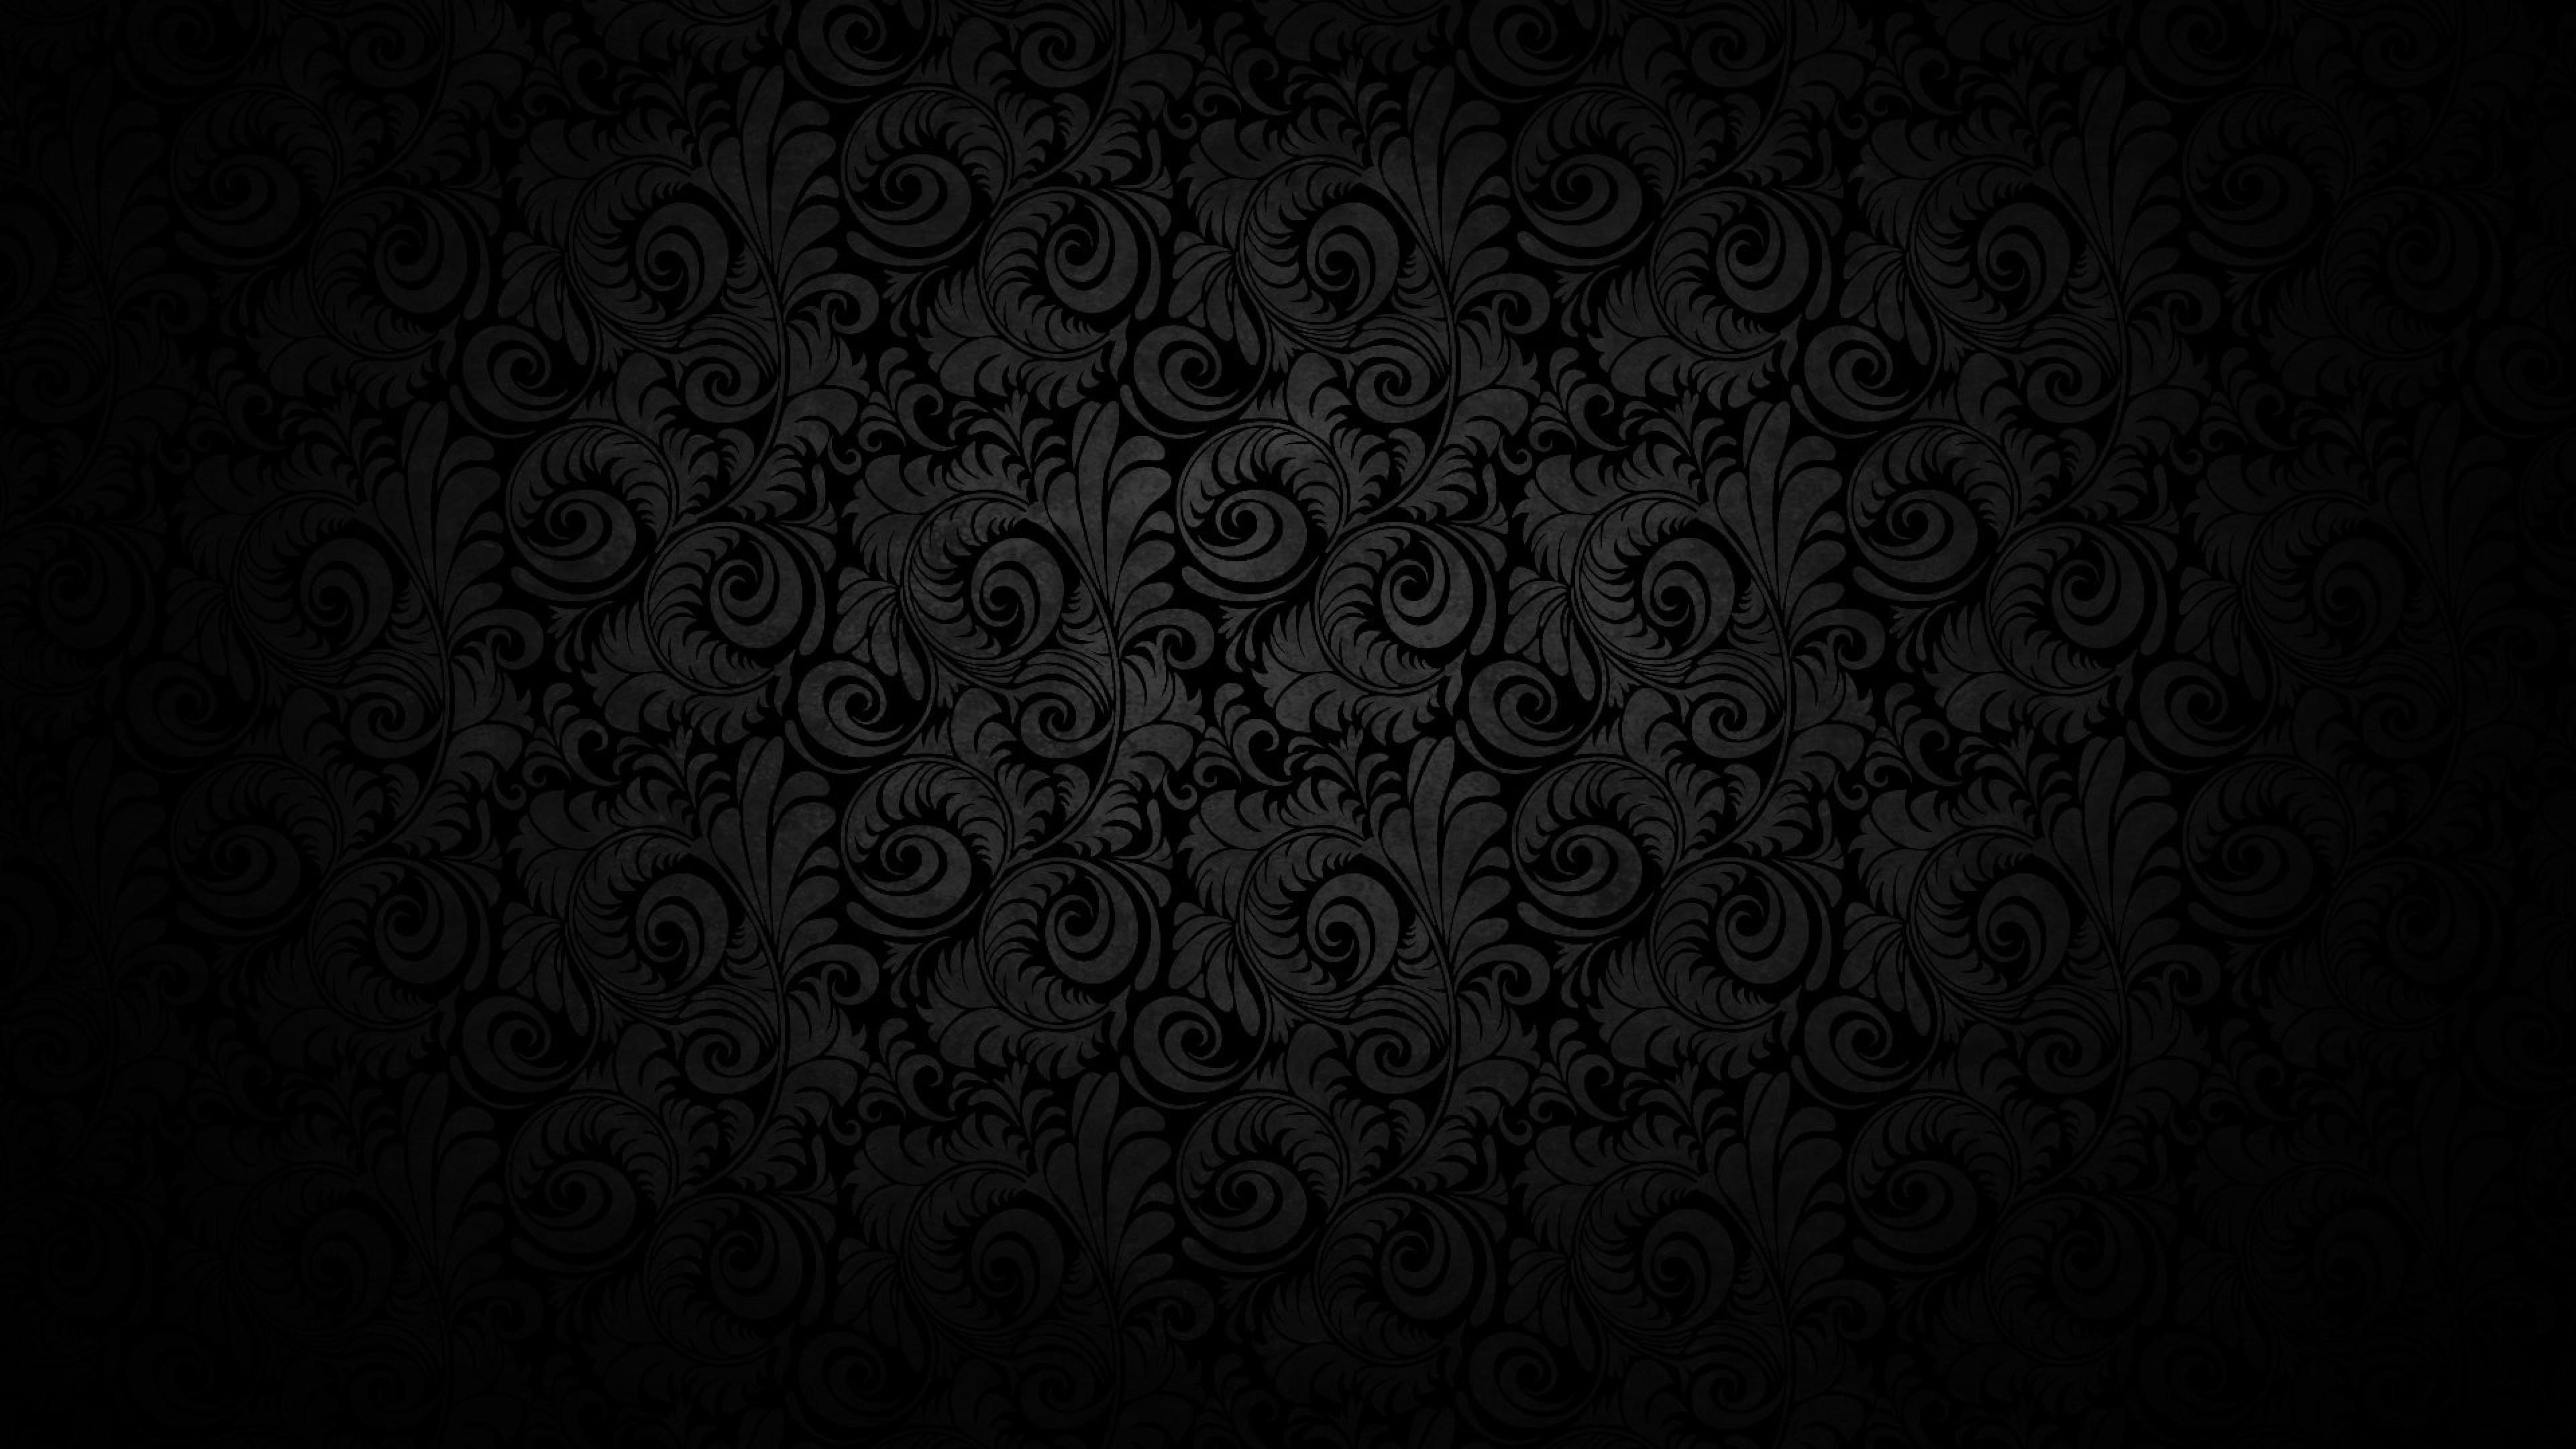 4K Wallpaper for Desktop (27+ images)